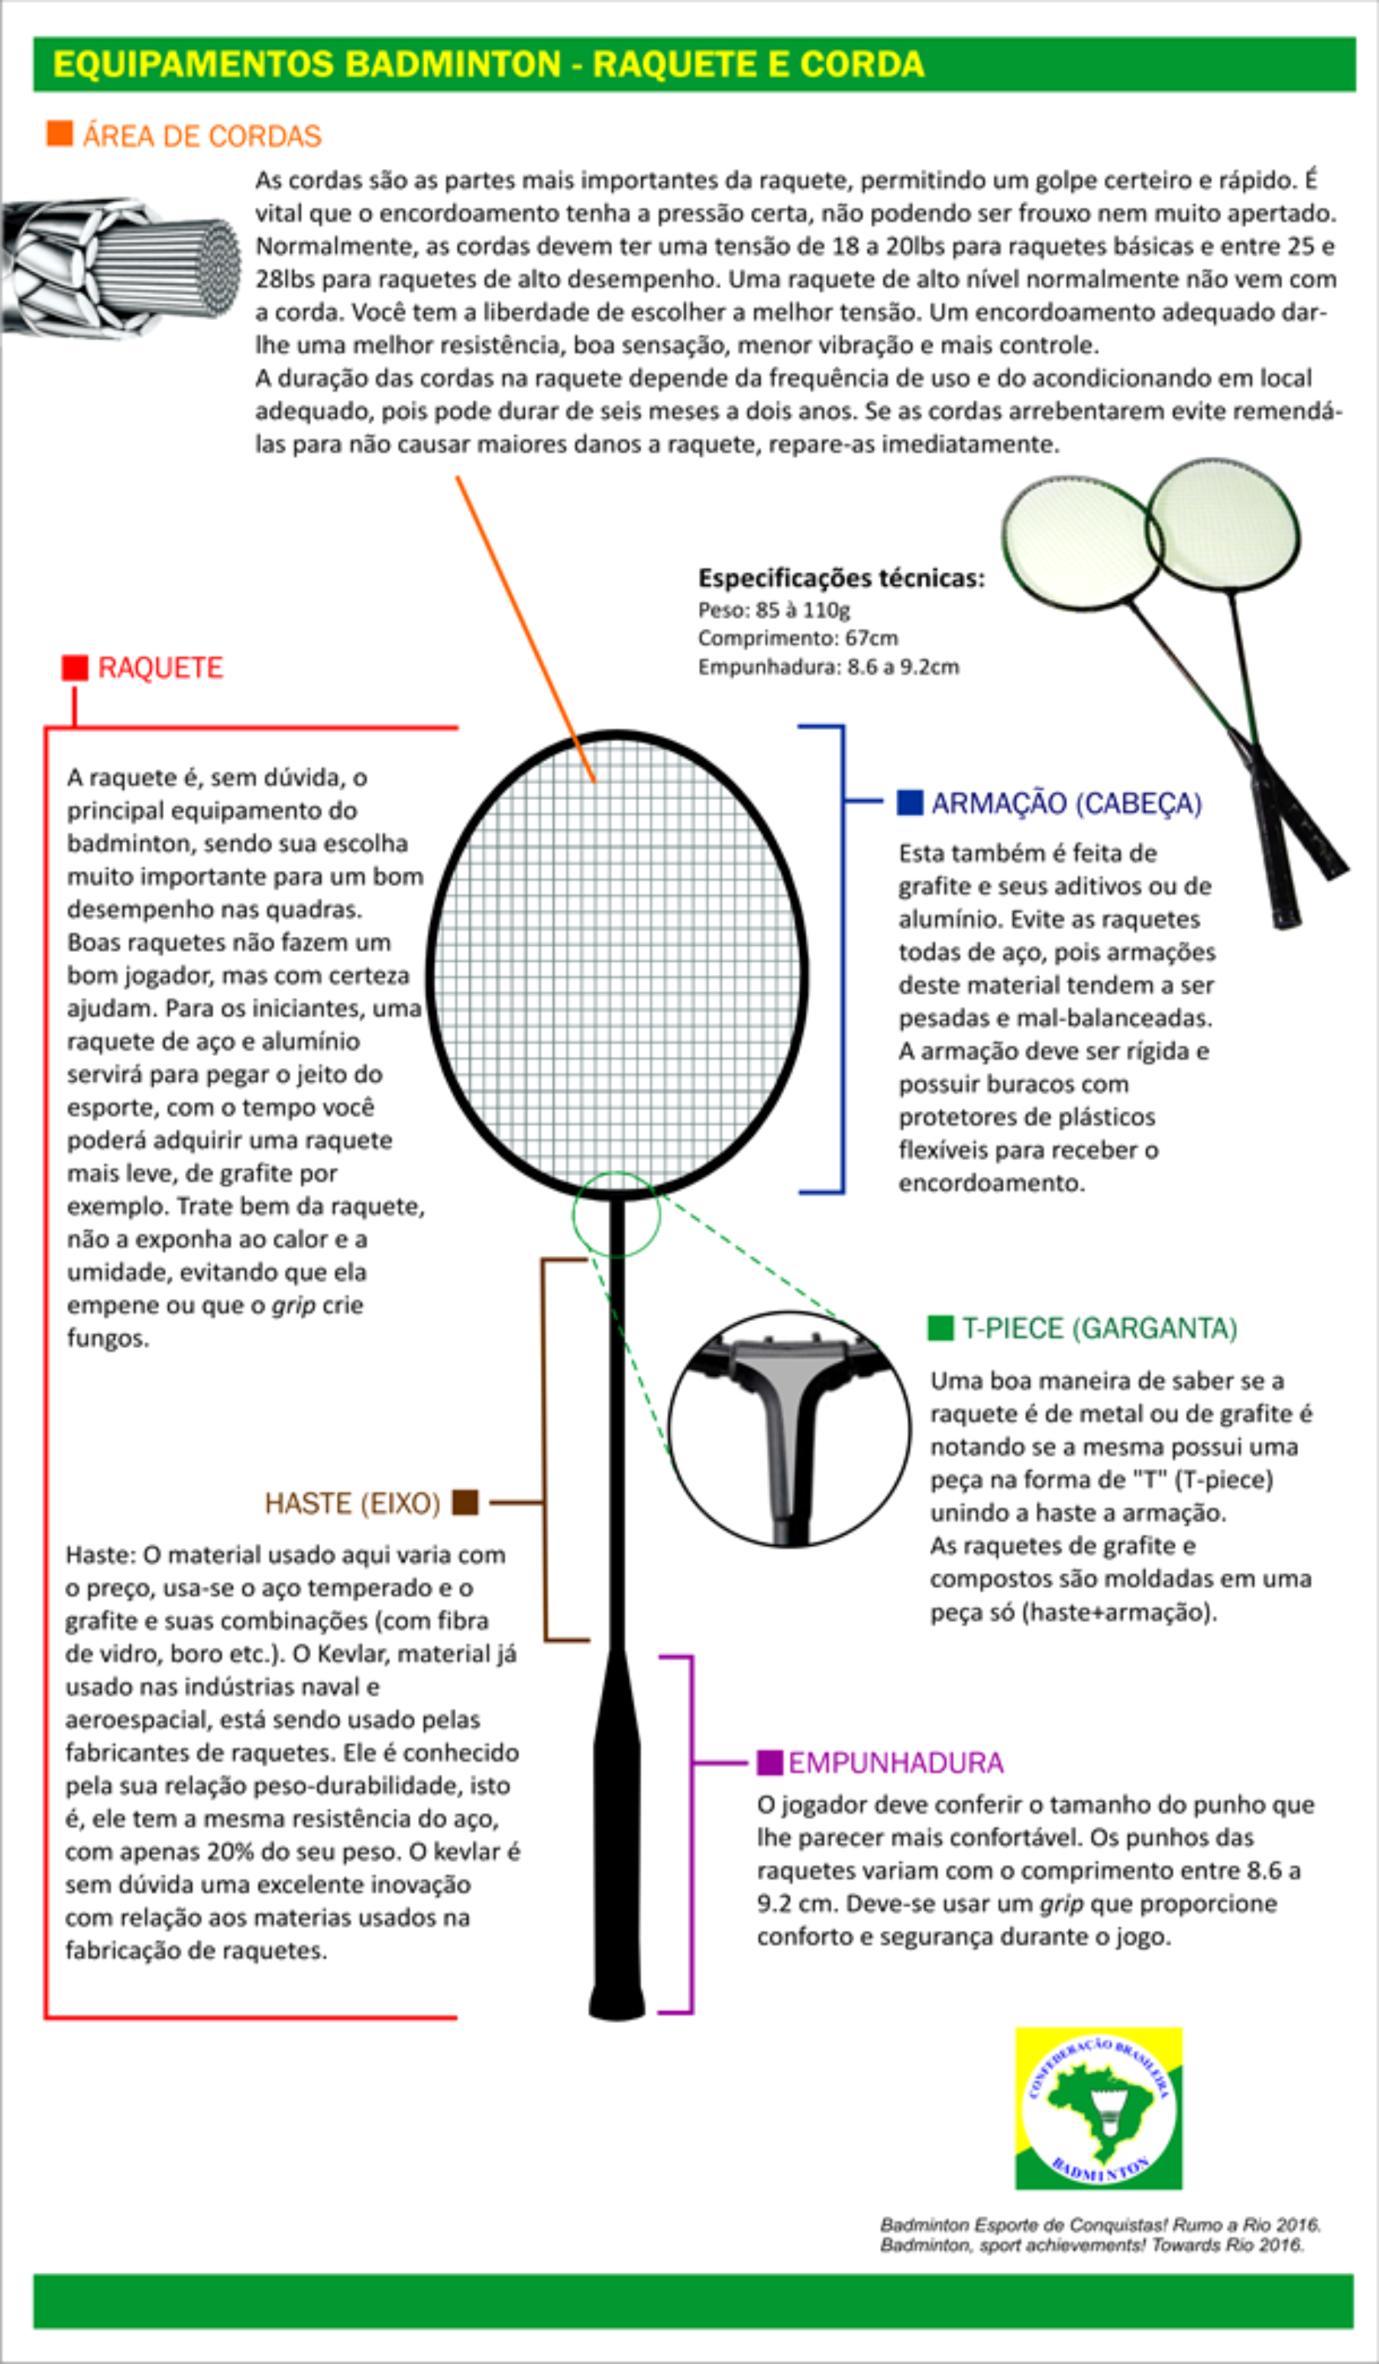 (FONTE: site da Confederação Brasileira de Badminton. Disponível em: http://www.badminton.org.br)